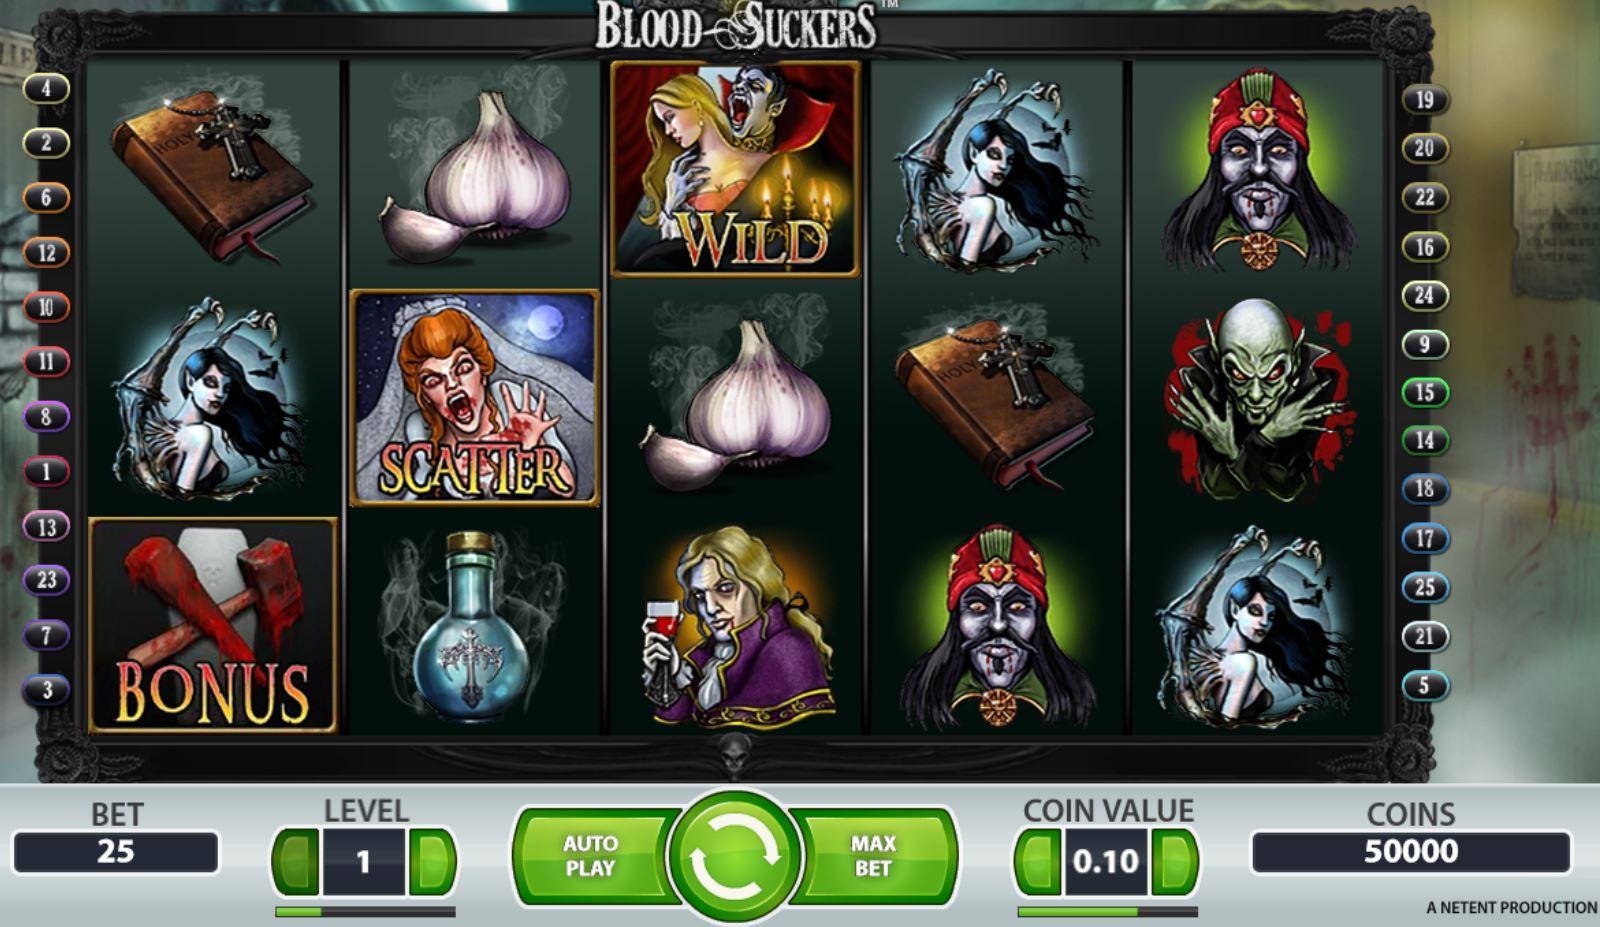 Обзор игрового автомата Blood Suckers